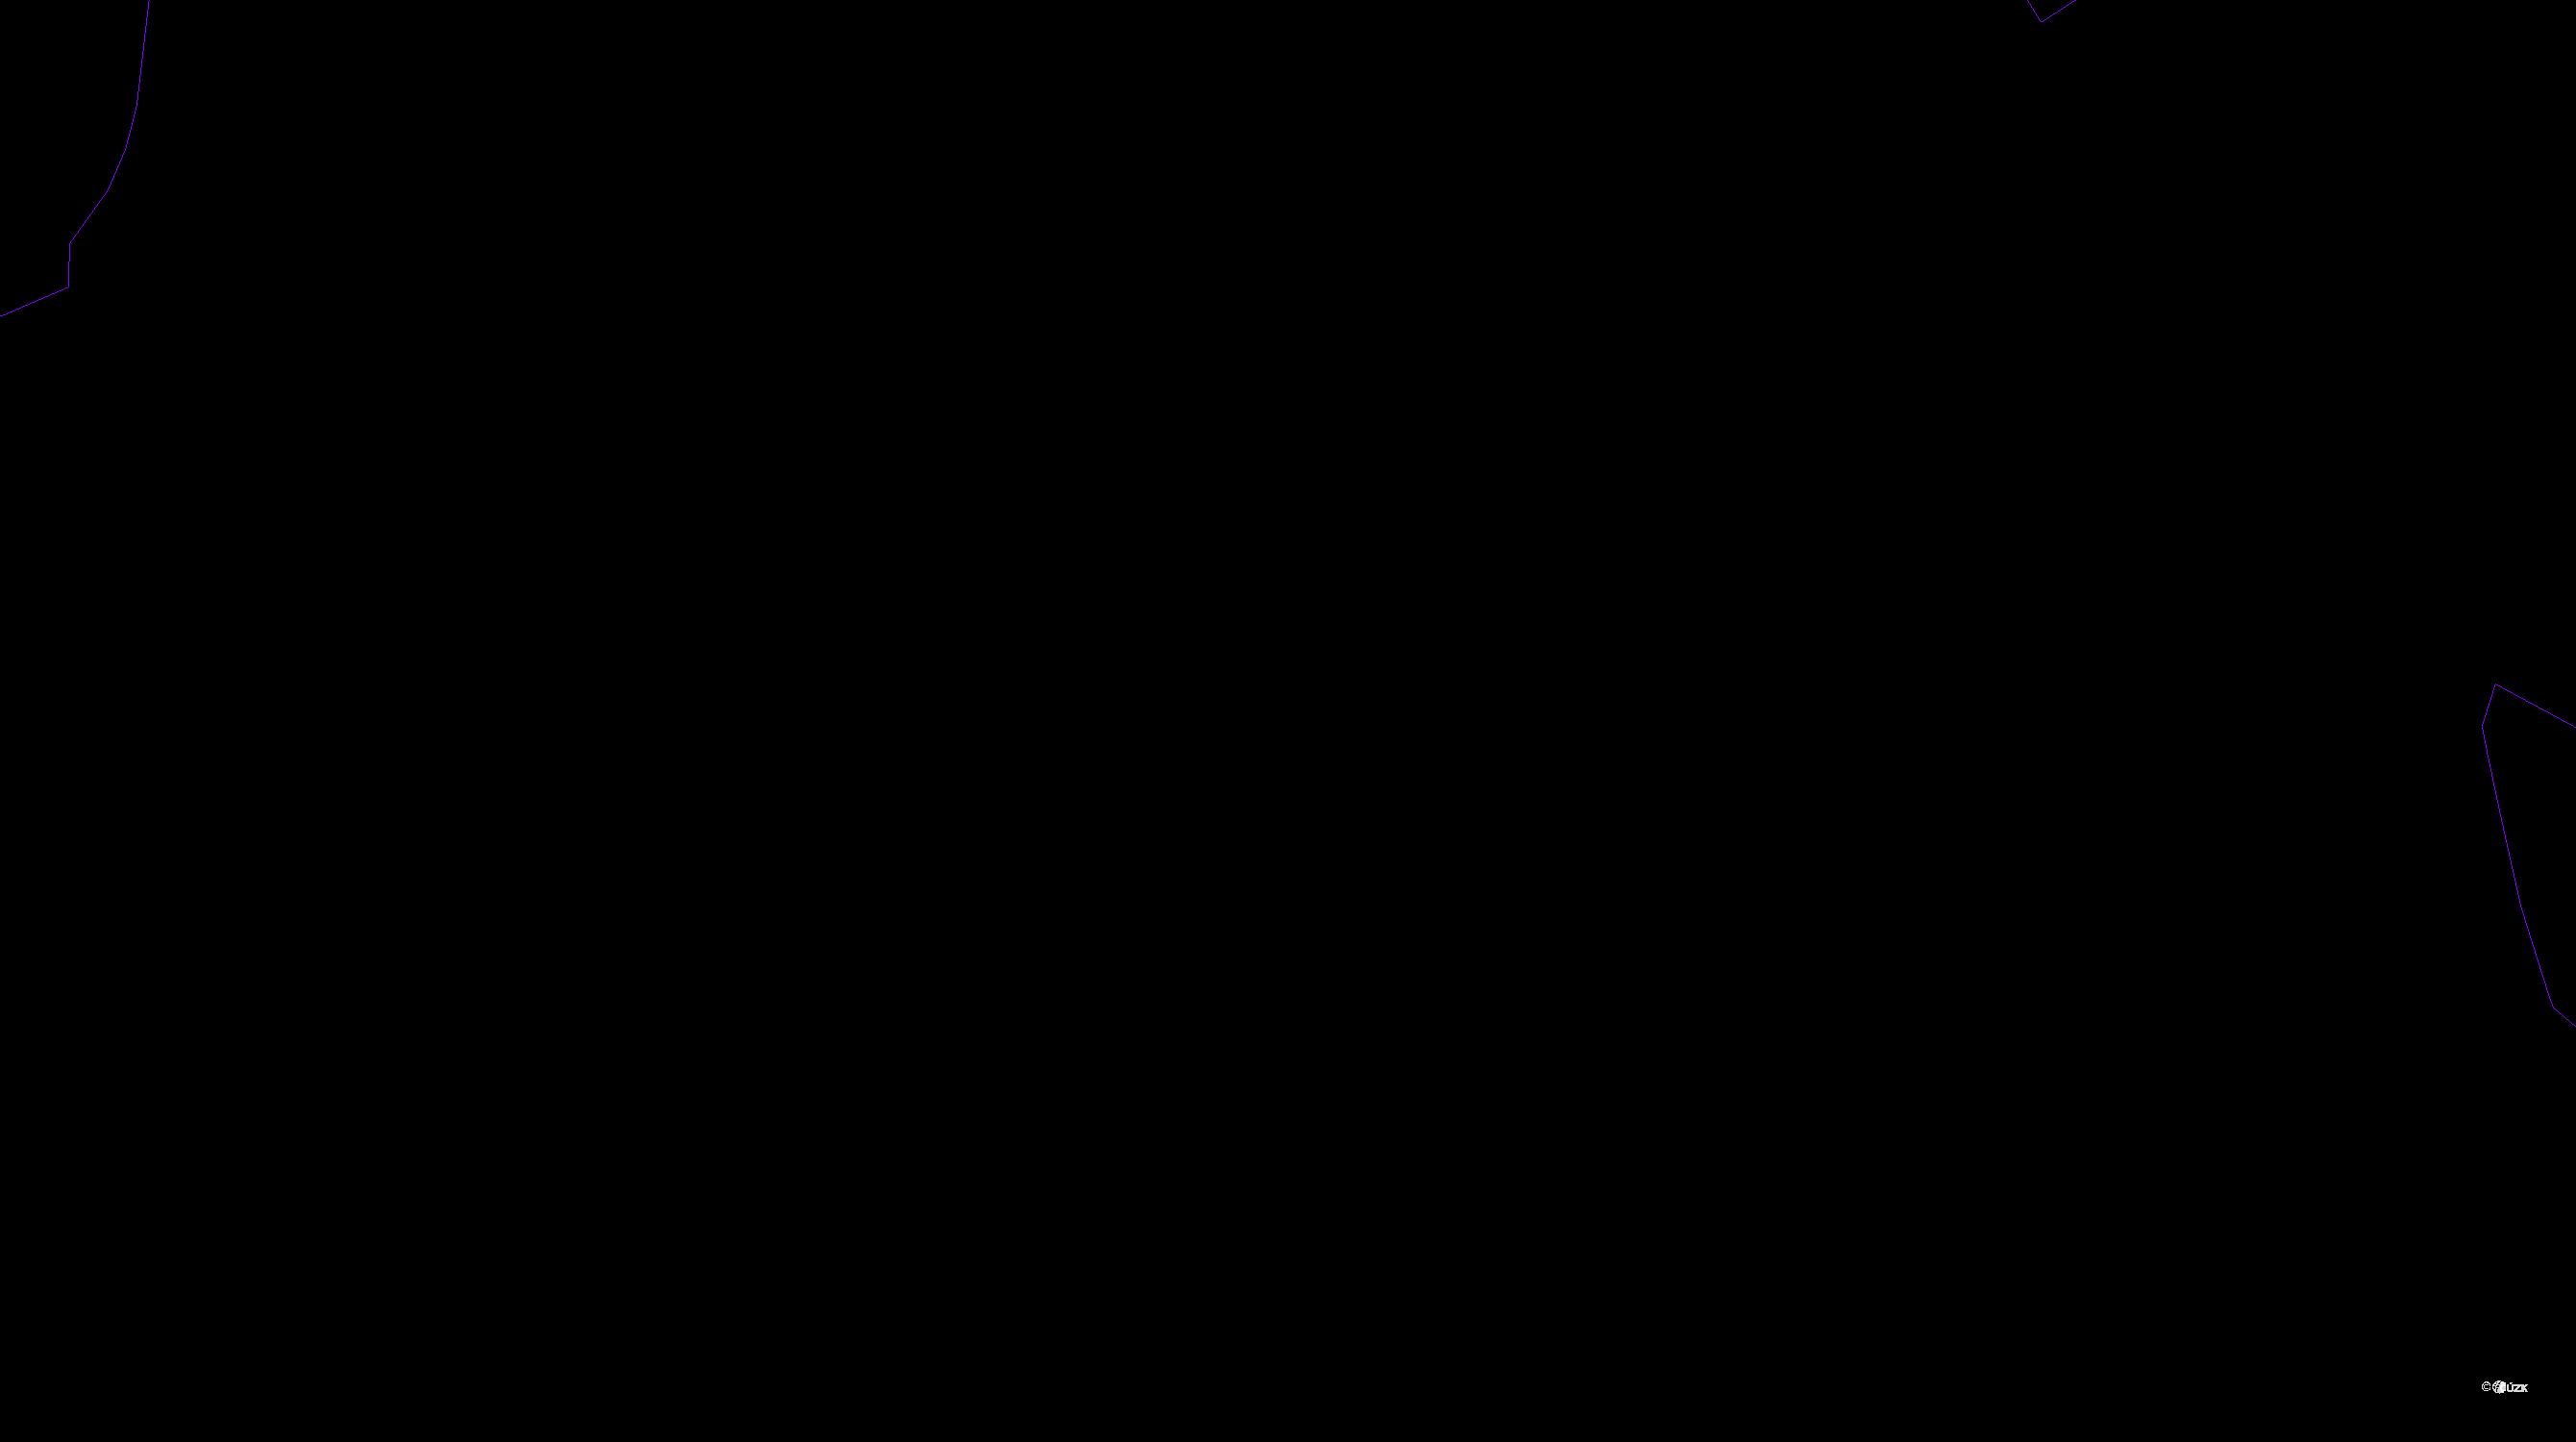 Katastrální mapa pozemků a čísla parcel Domažličky